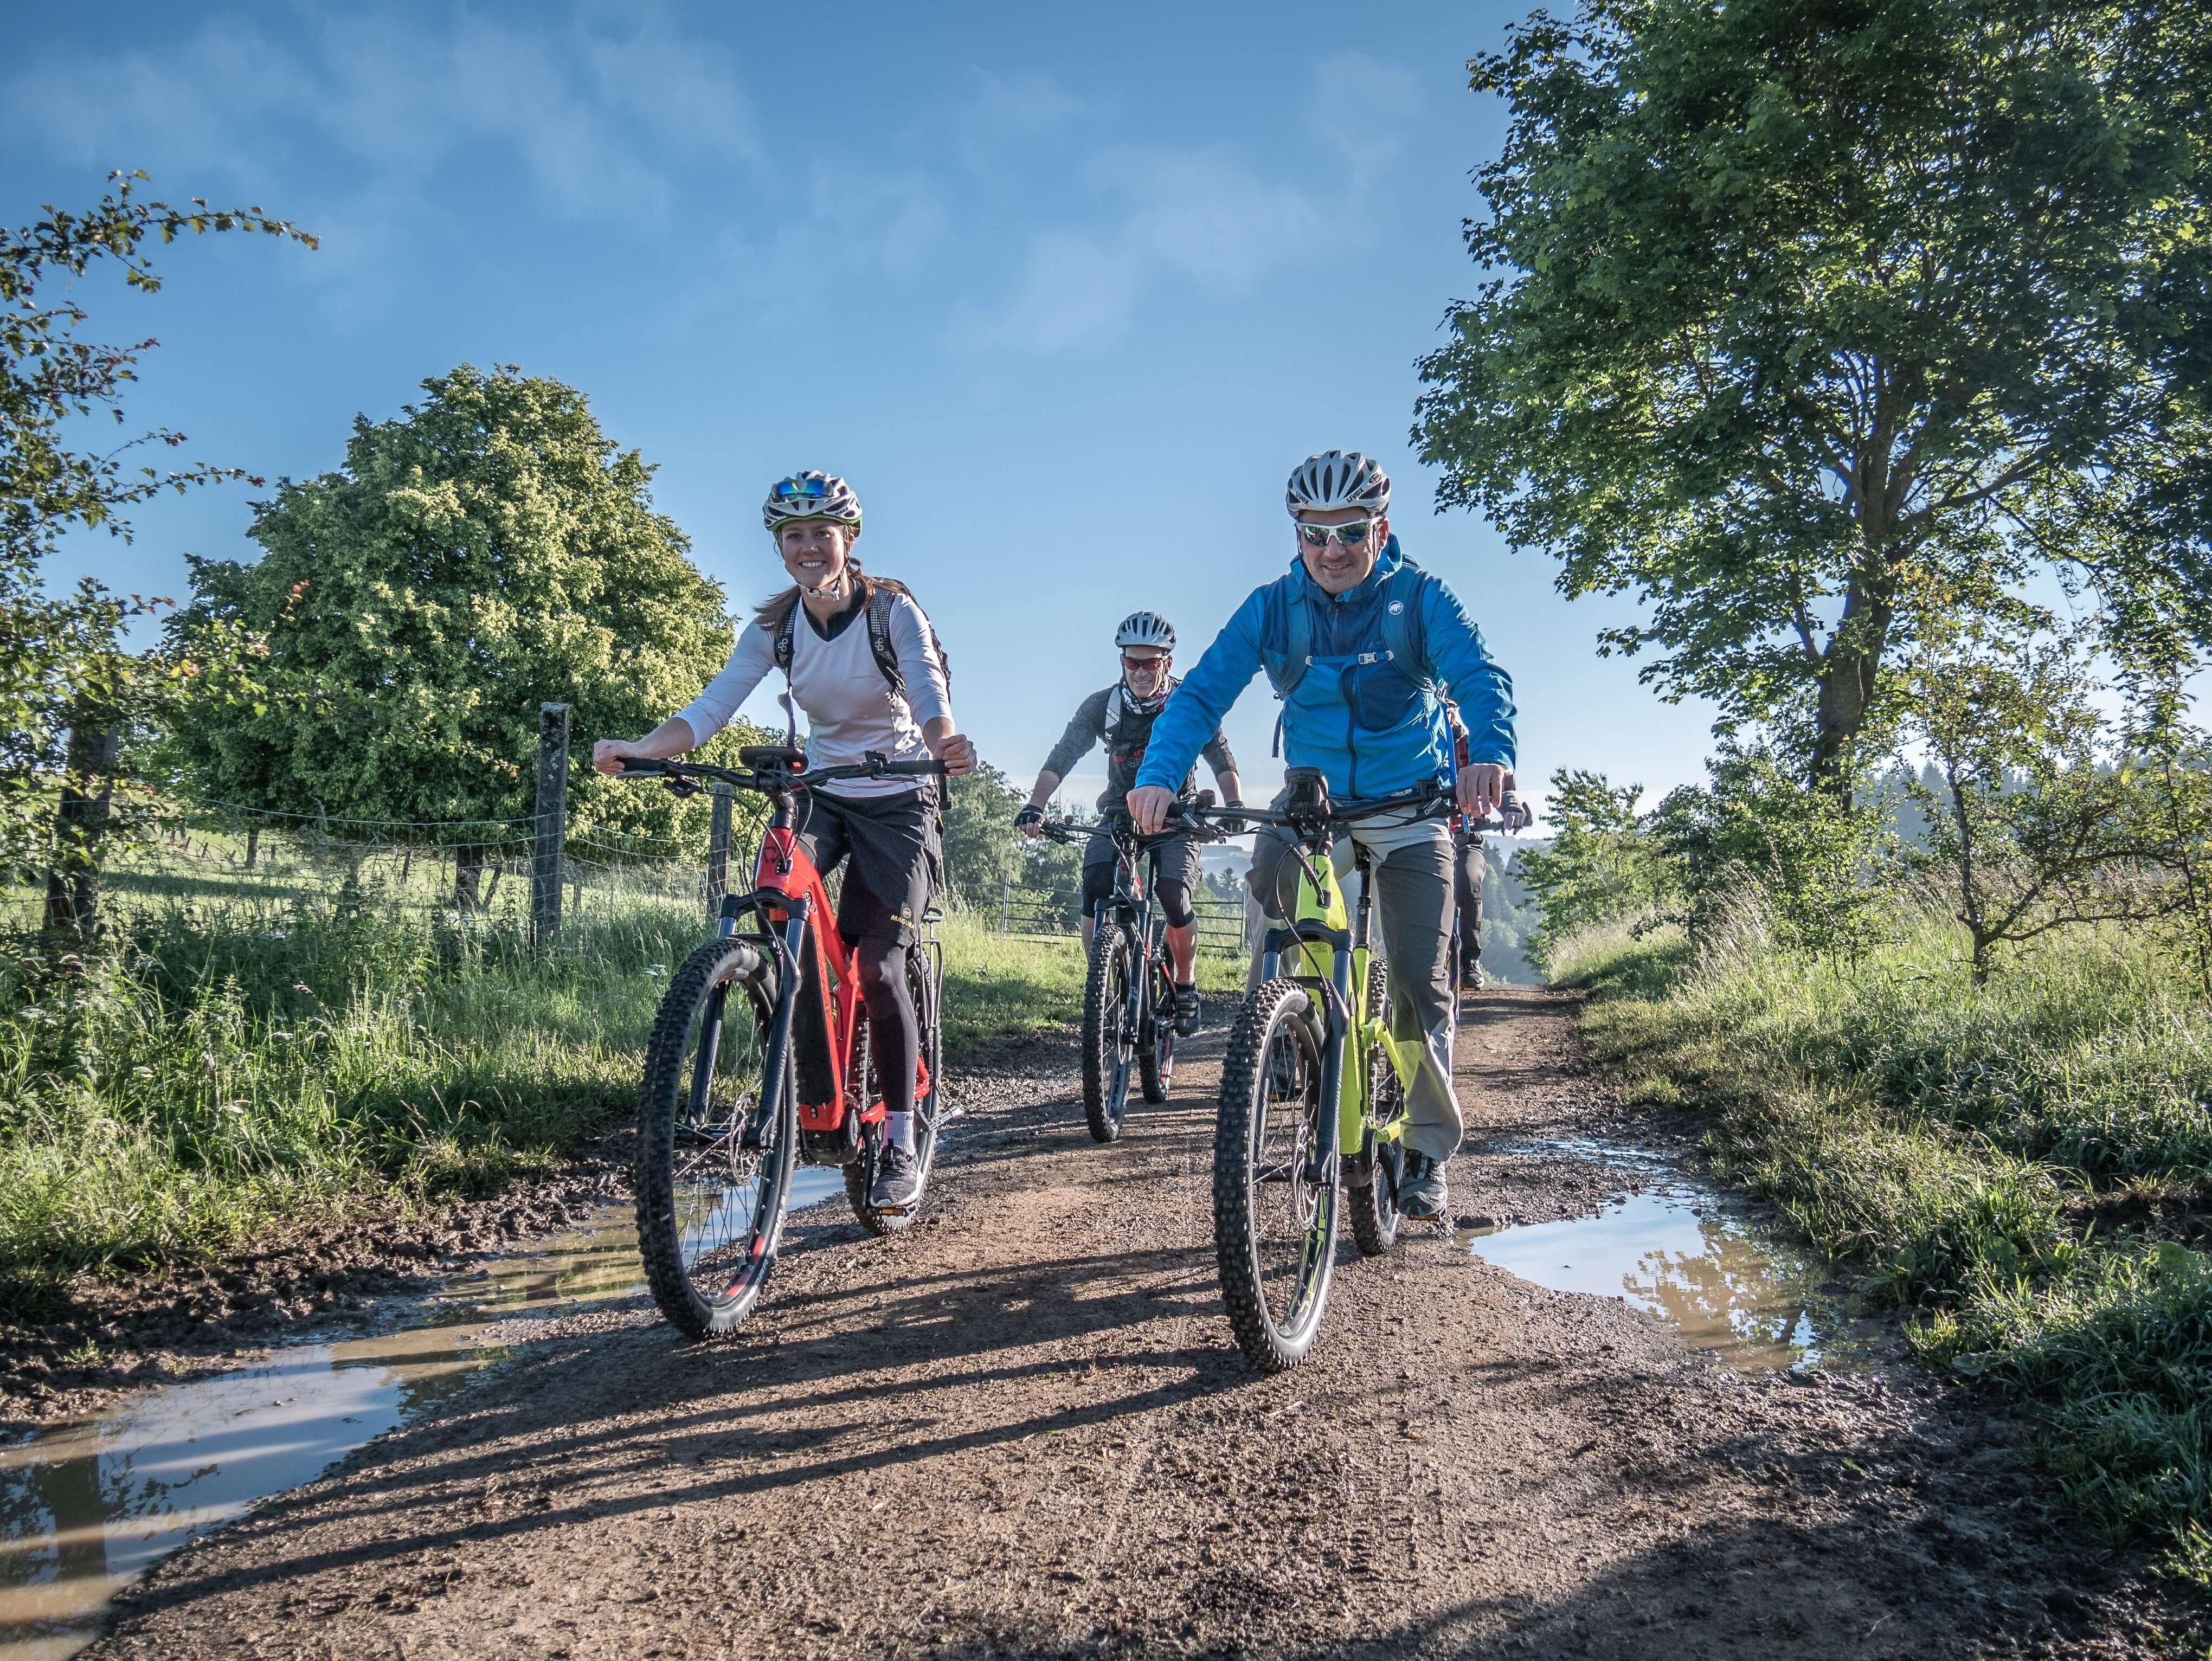 Vier Radfahrer*innen fahren mit E-Bikes auf einem Feldweg vorbei an hohen Gräsern, Wiesen und Weiden. Es ist ein sonniger Tag am Morgen.